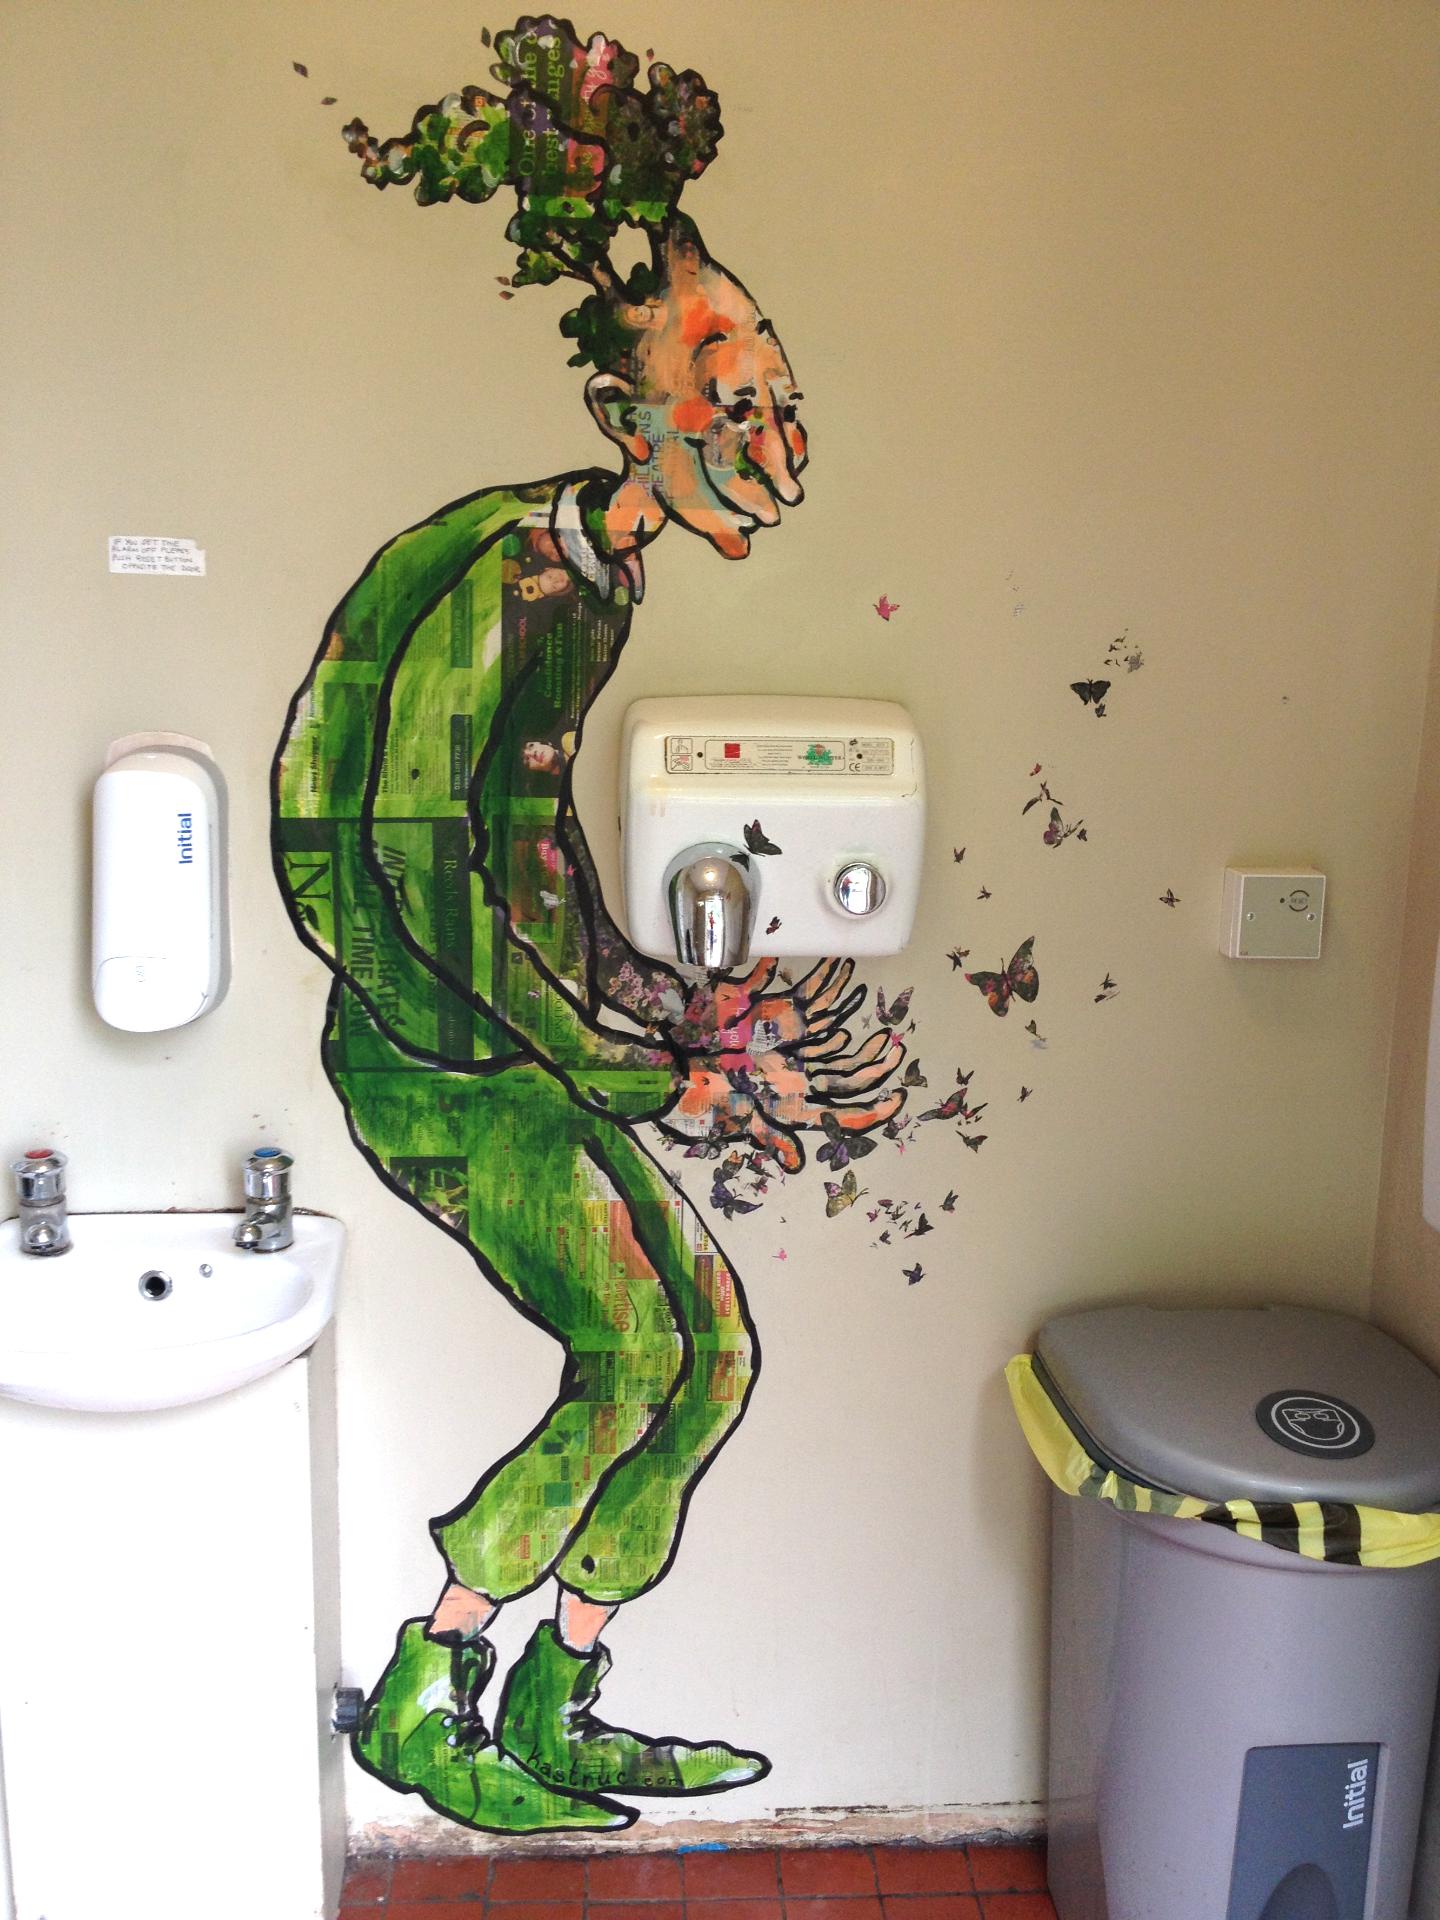 Pistachios Cafe Toilet Mural